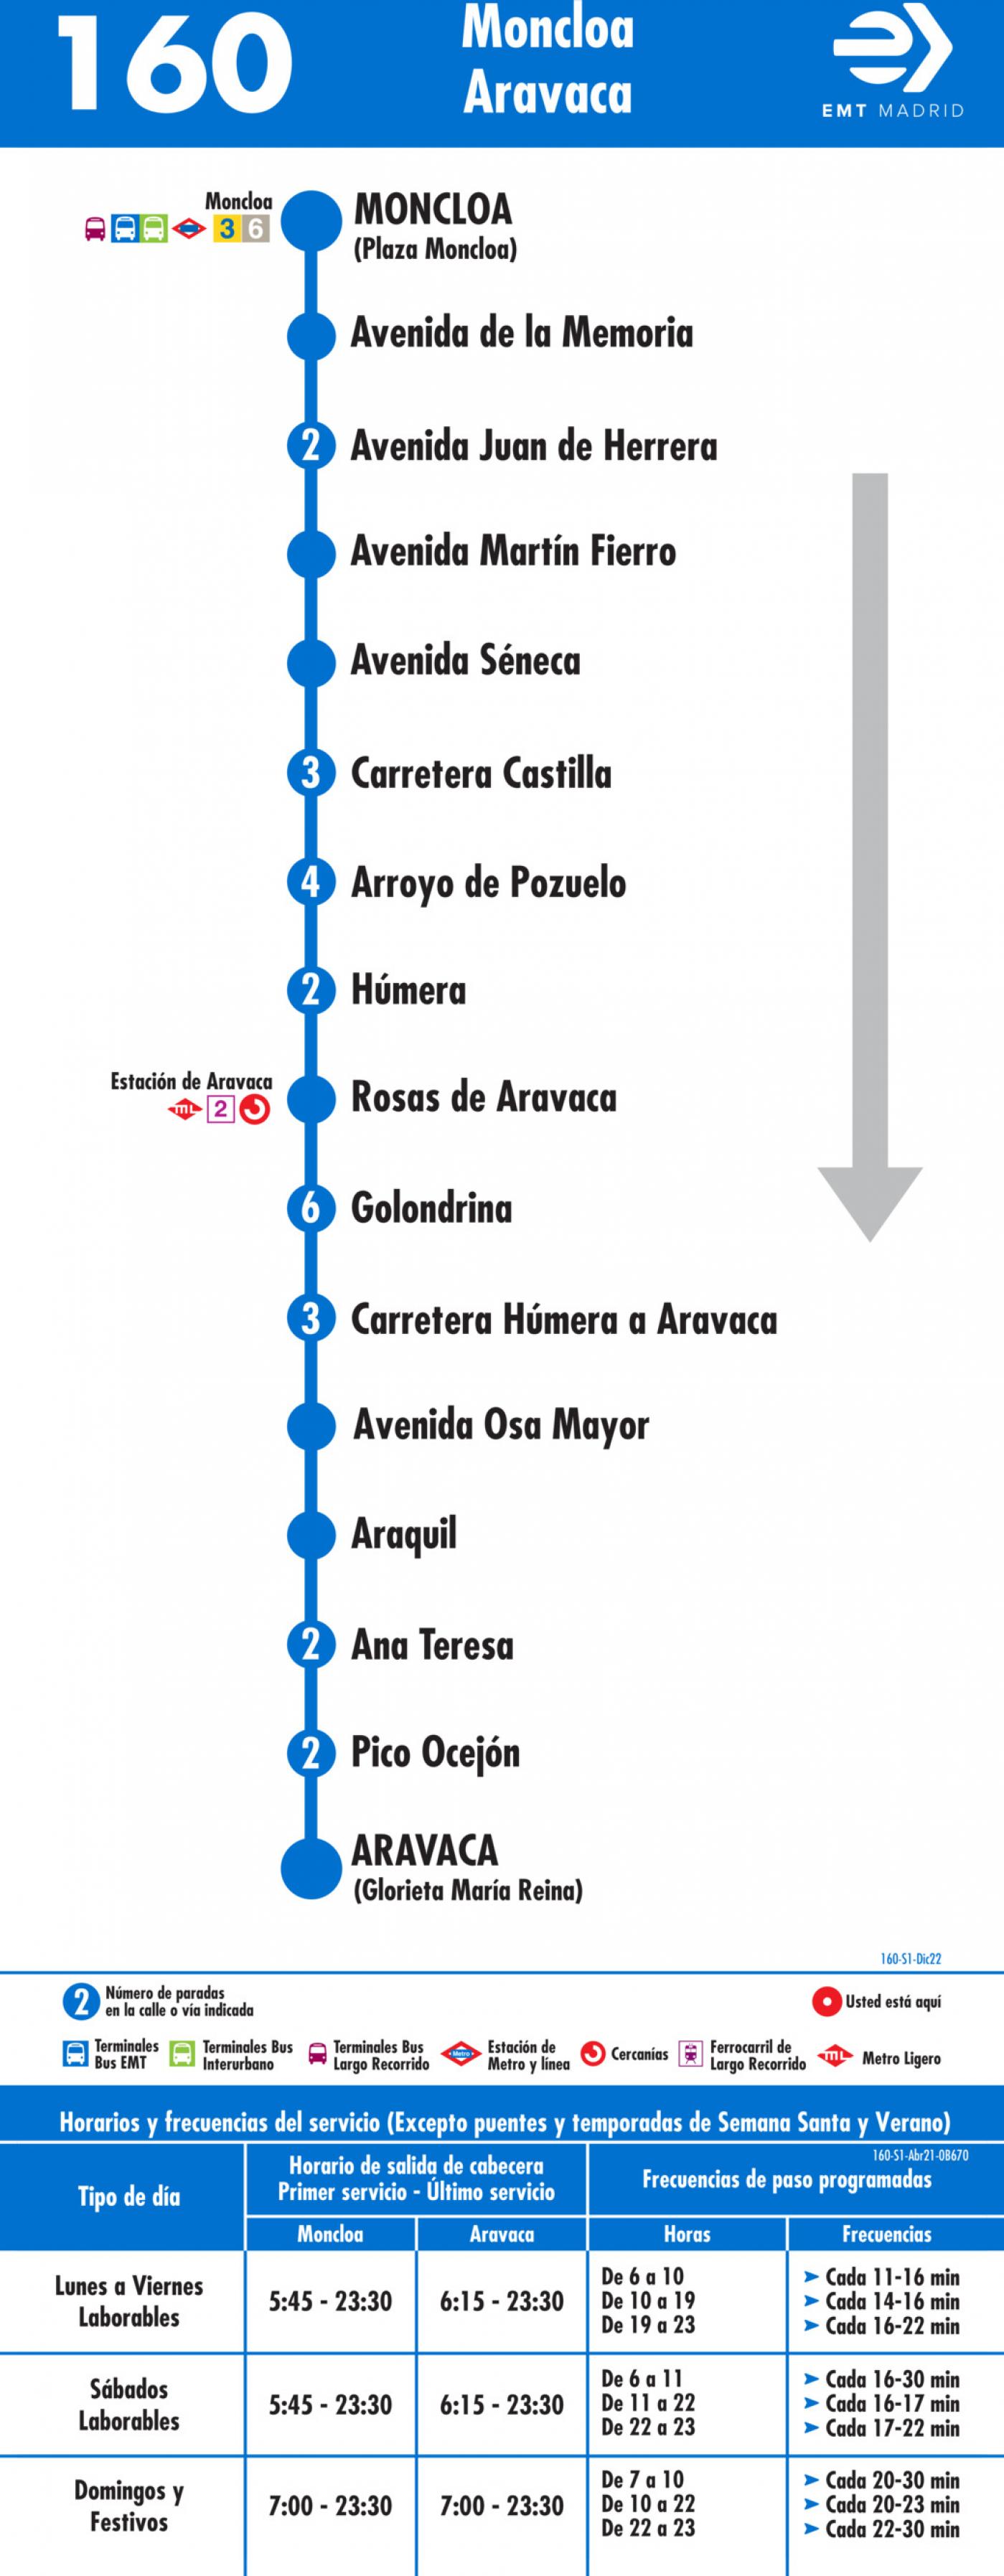 Tabla de horarios y frecuencias de paso en sentido ida Línea 160: Moncloa - Aravaca